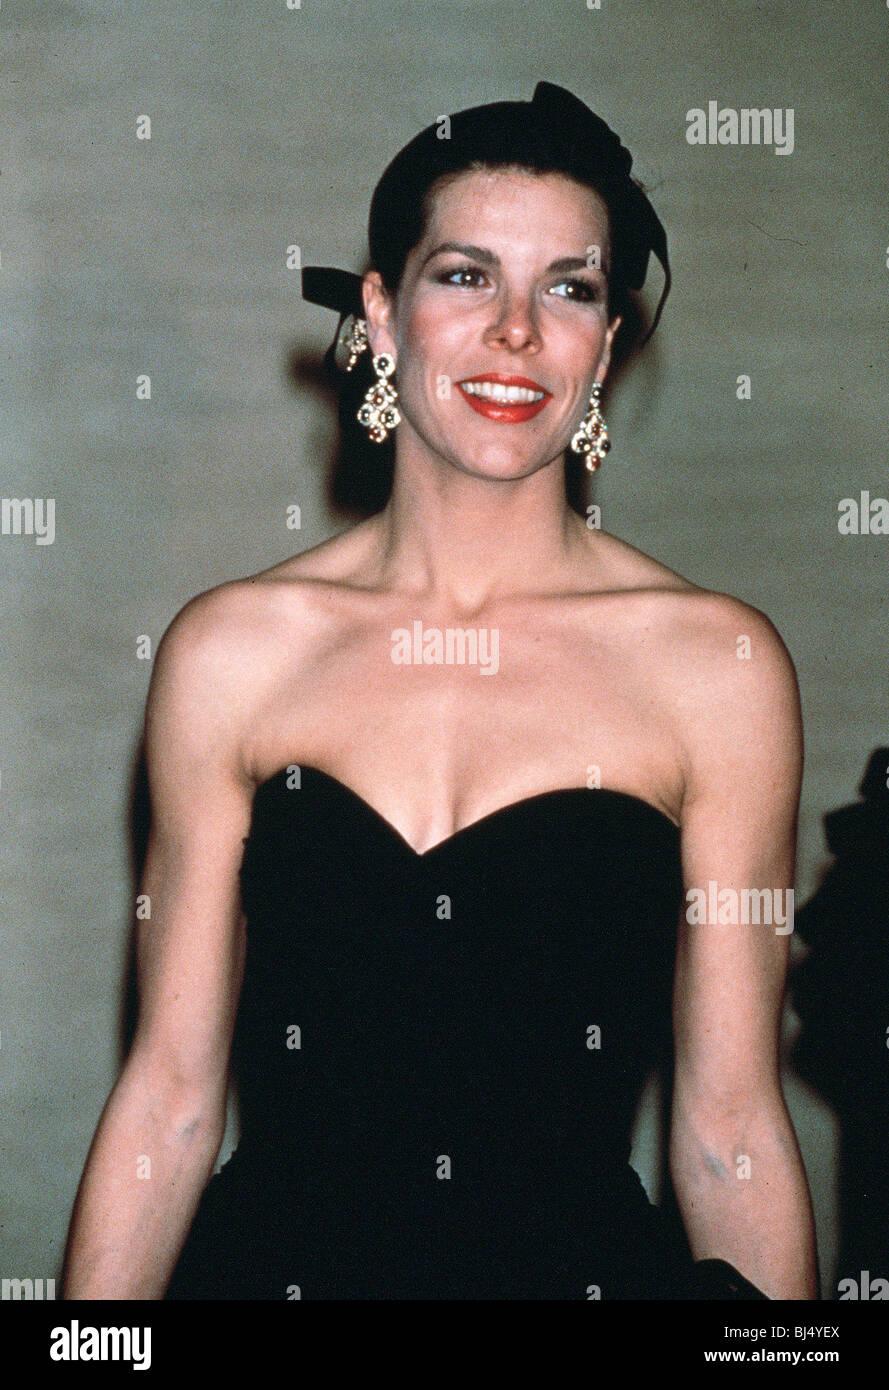 la-princesa-carolina-de-monaco-monaco-familia-real-el-01-de-mayo-de-1995-bj4yex.jpg